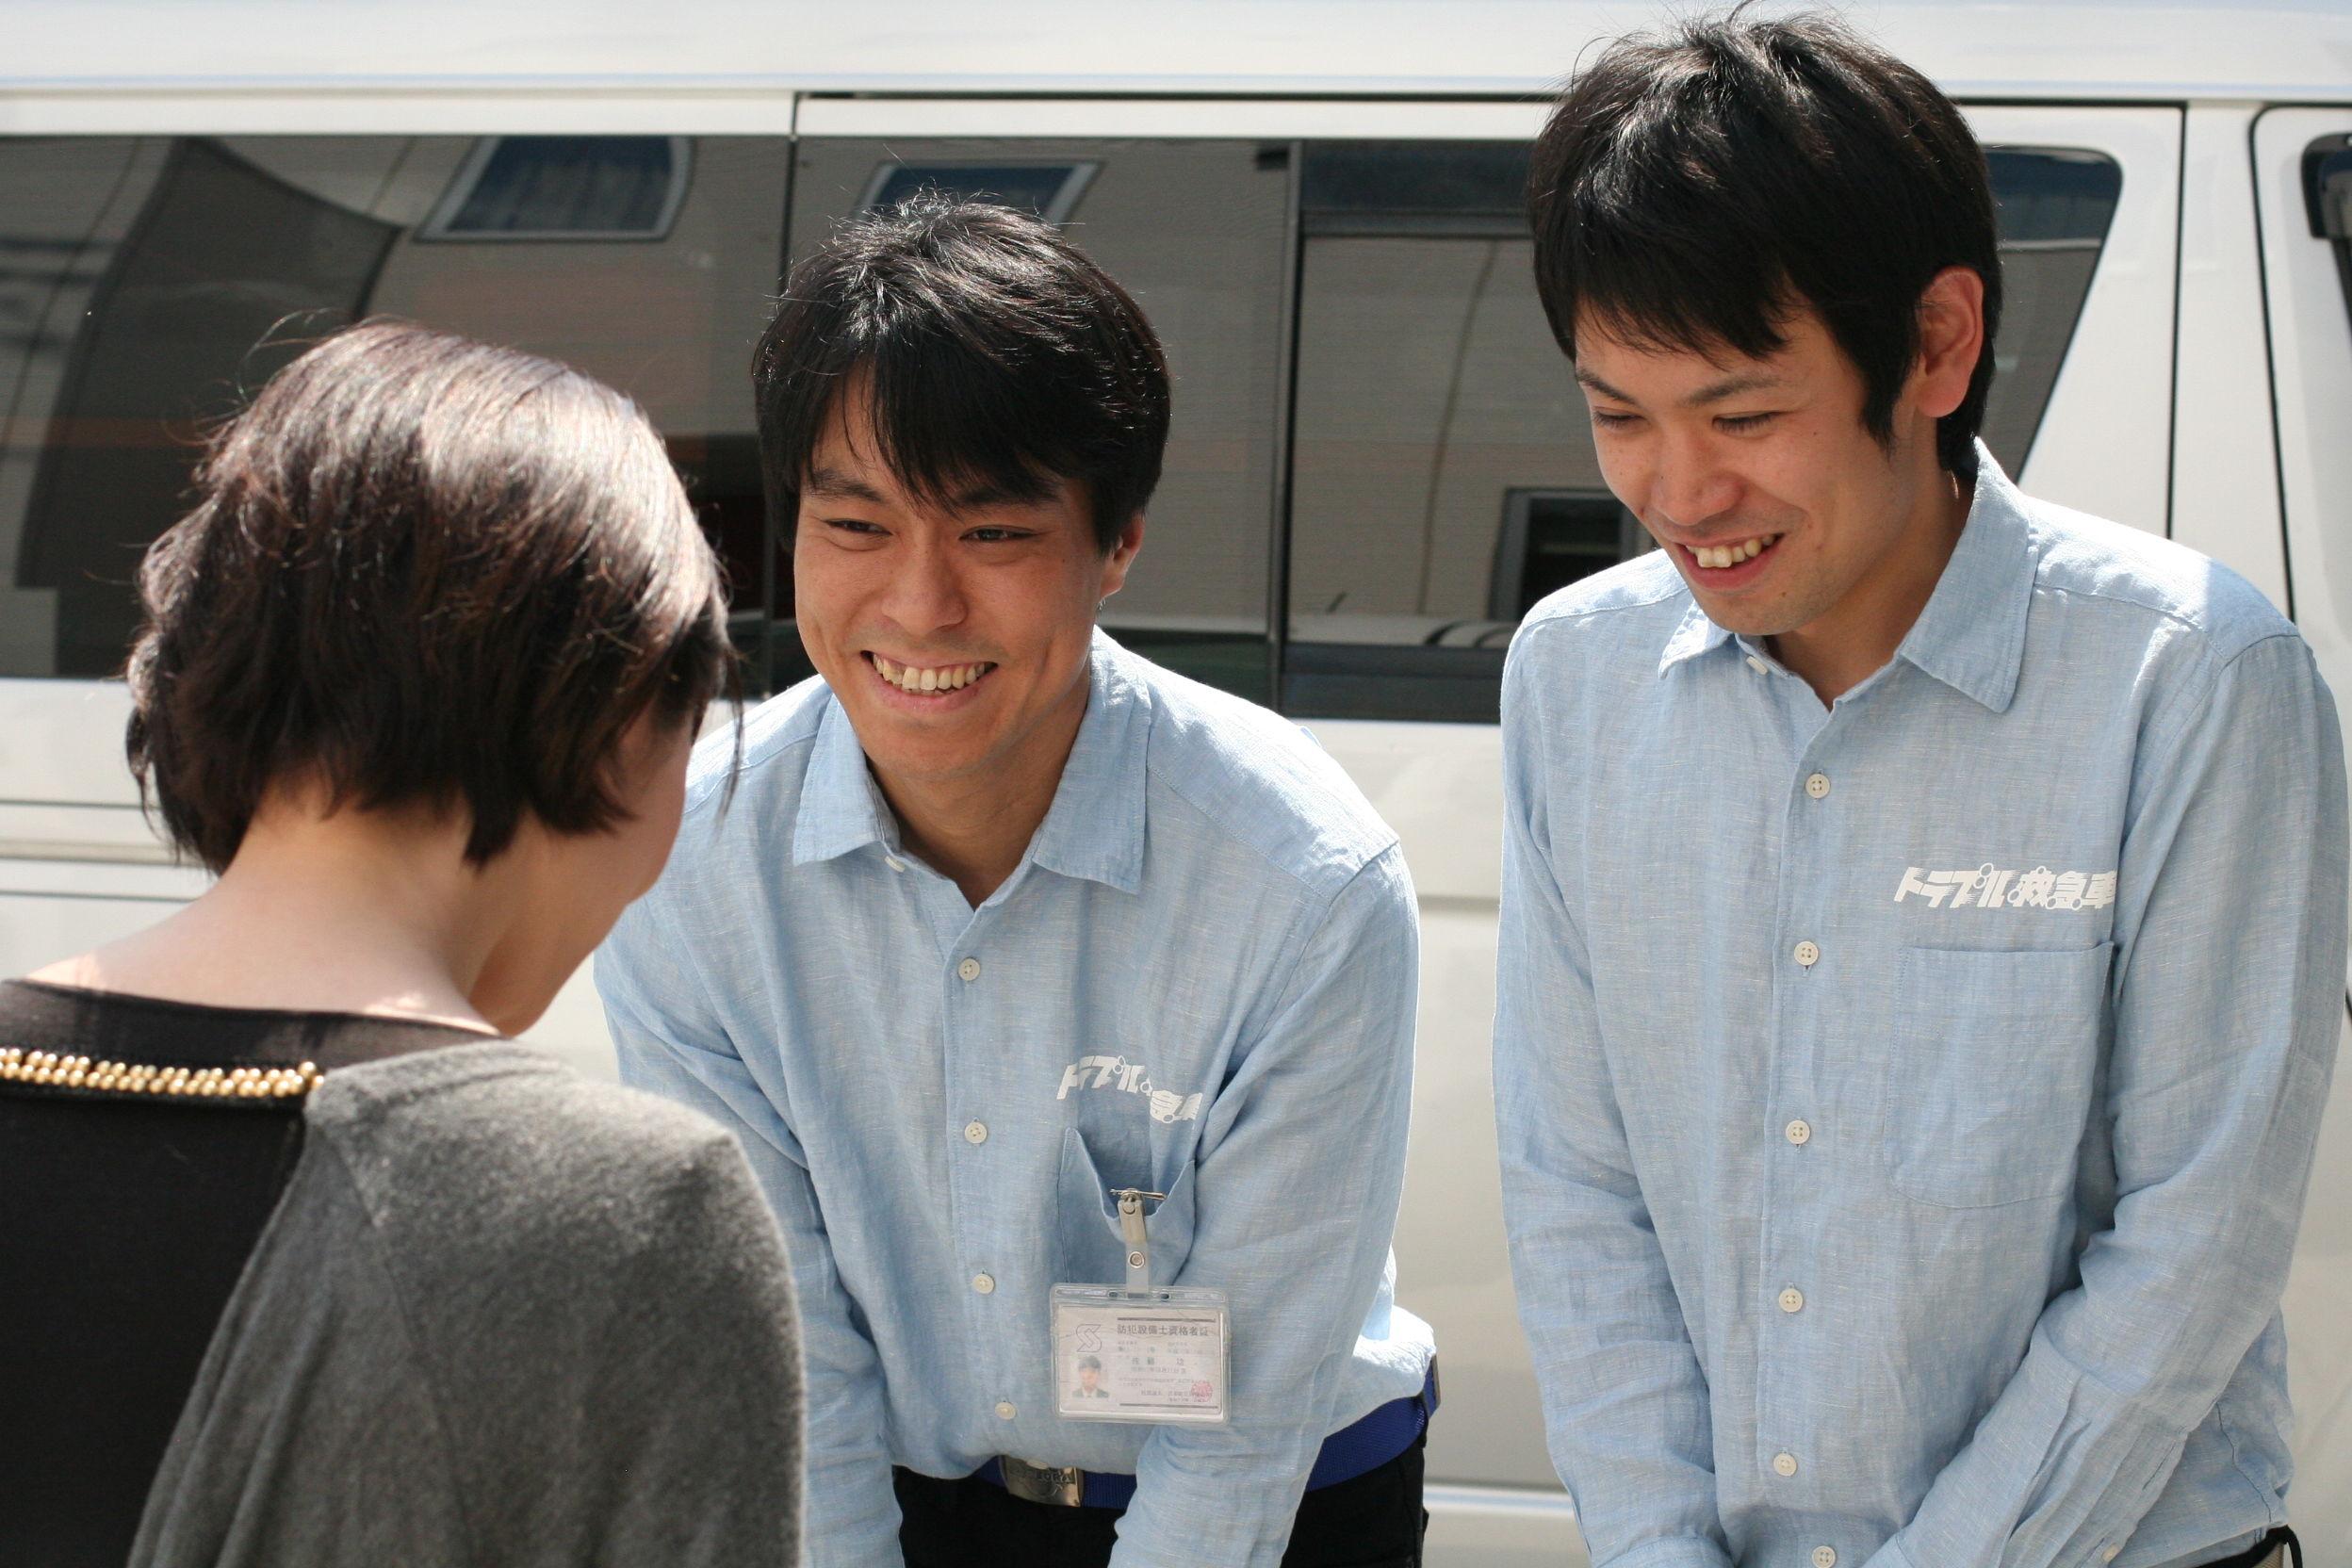 カギのトラブル救急車【柴田郡川崎町 出張エリア】のアピールポイント1